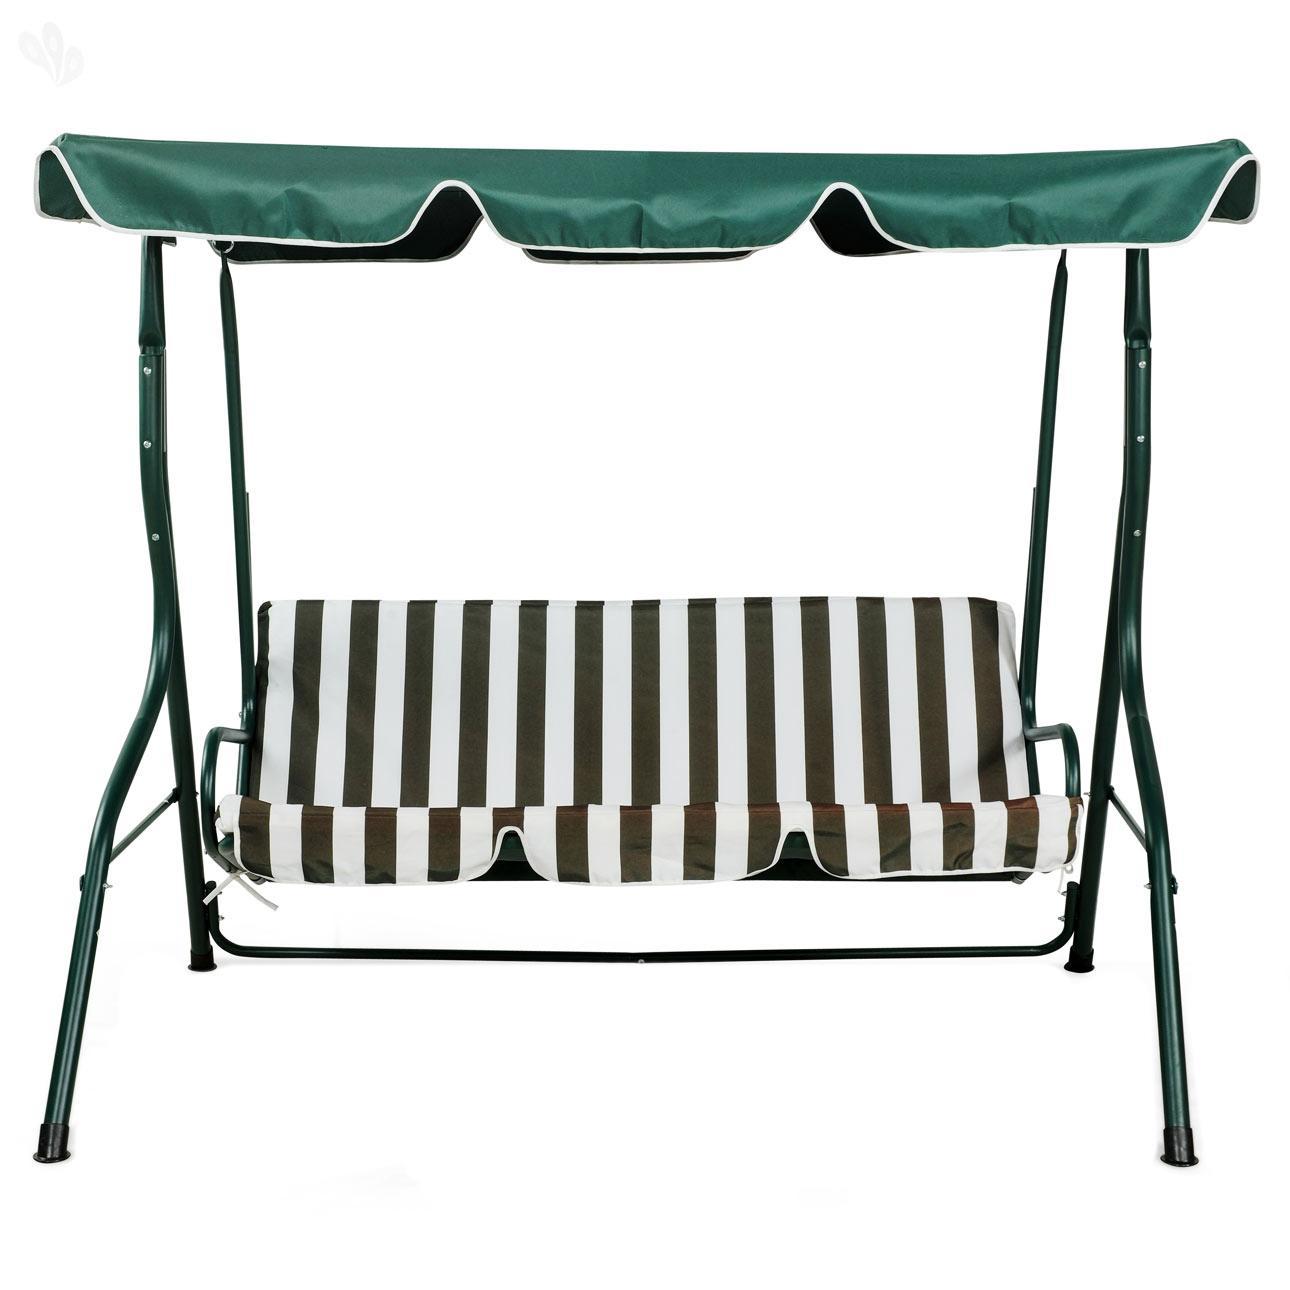 NEW Swinging Garden Hammock Swing Chair Outdoor Bench